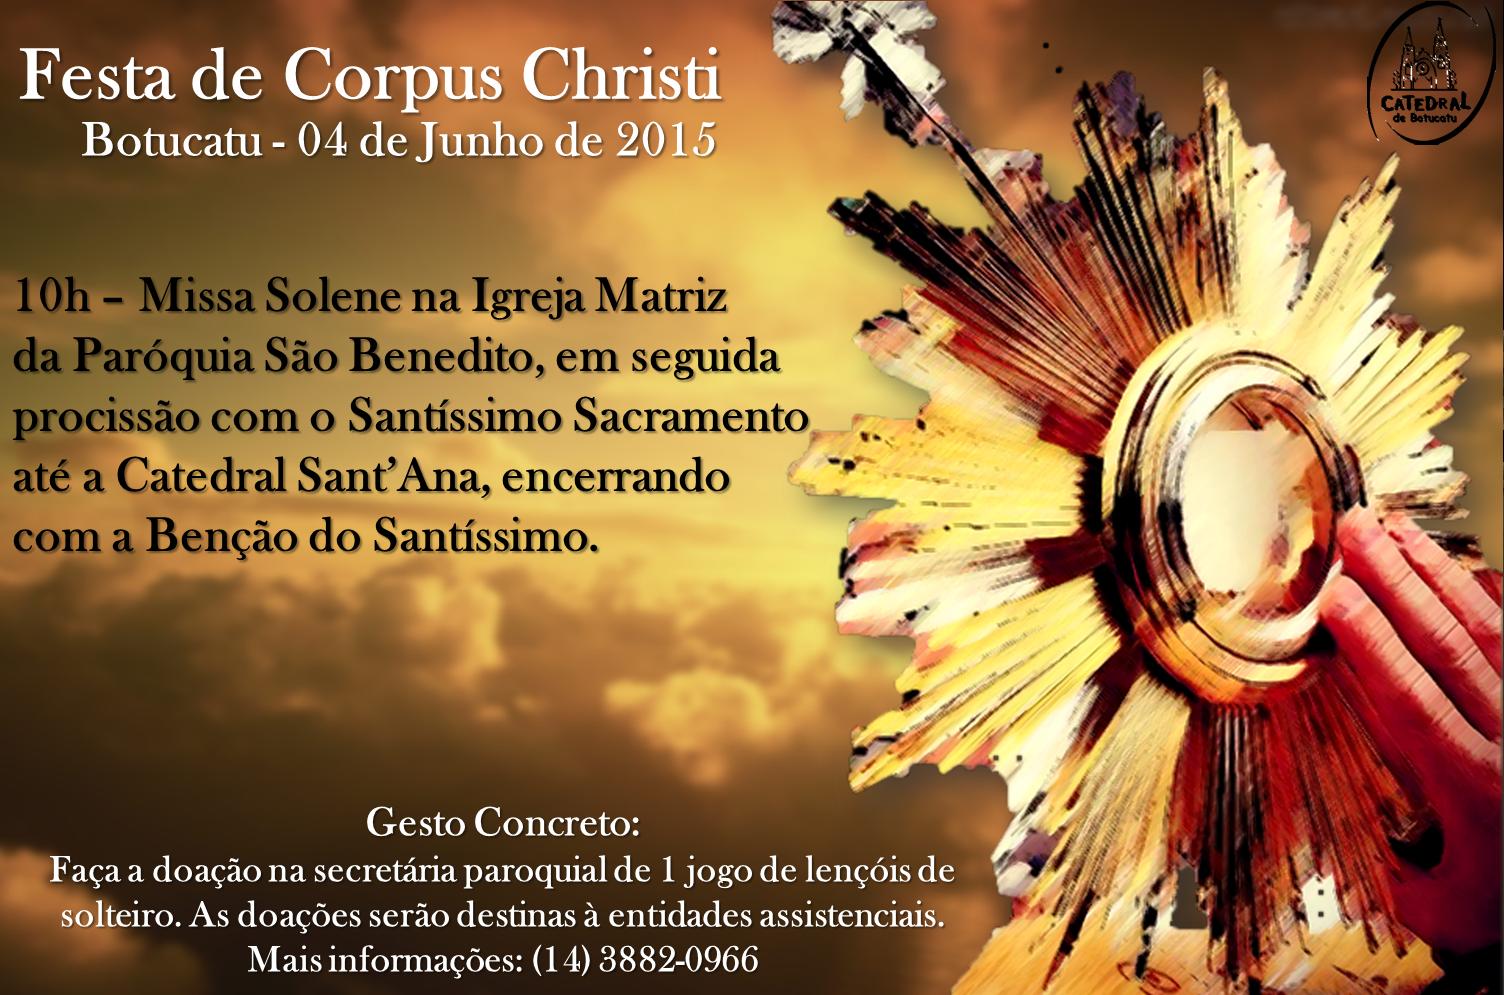 Catedral E Paróquia São Benedito Se Unem Para Celebrar Festa De